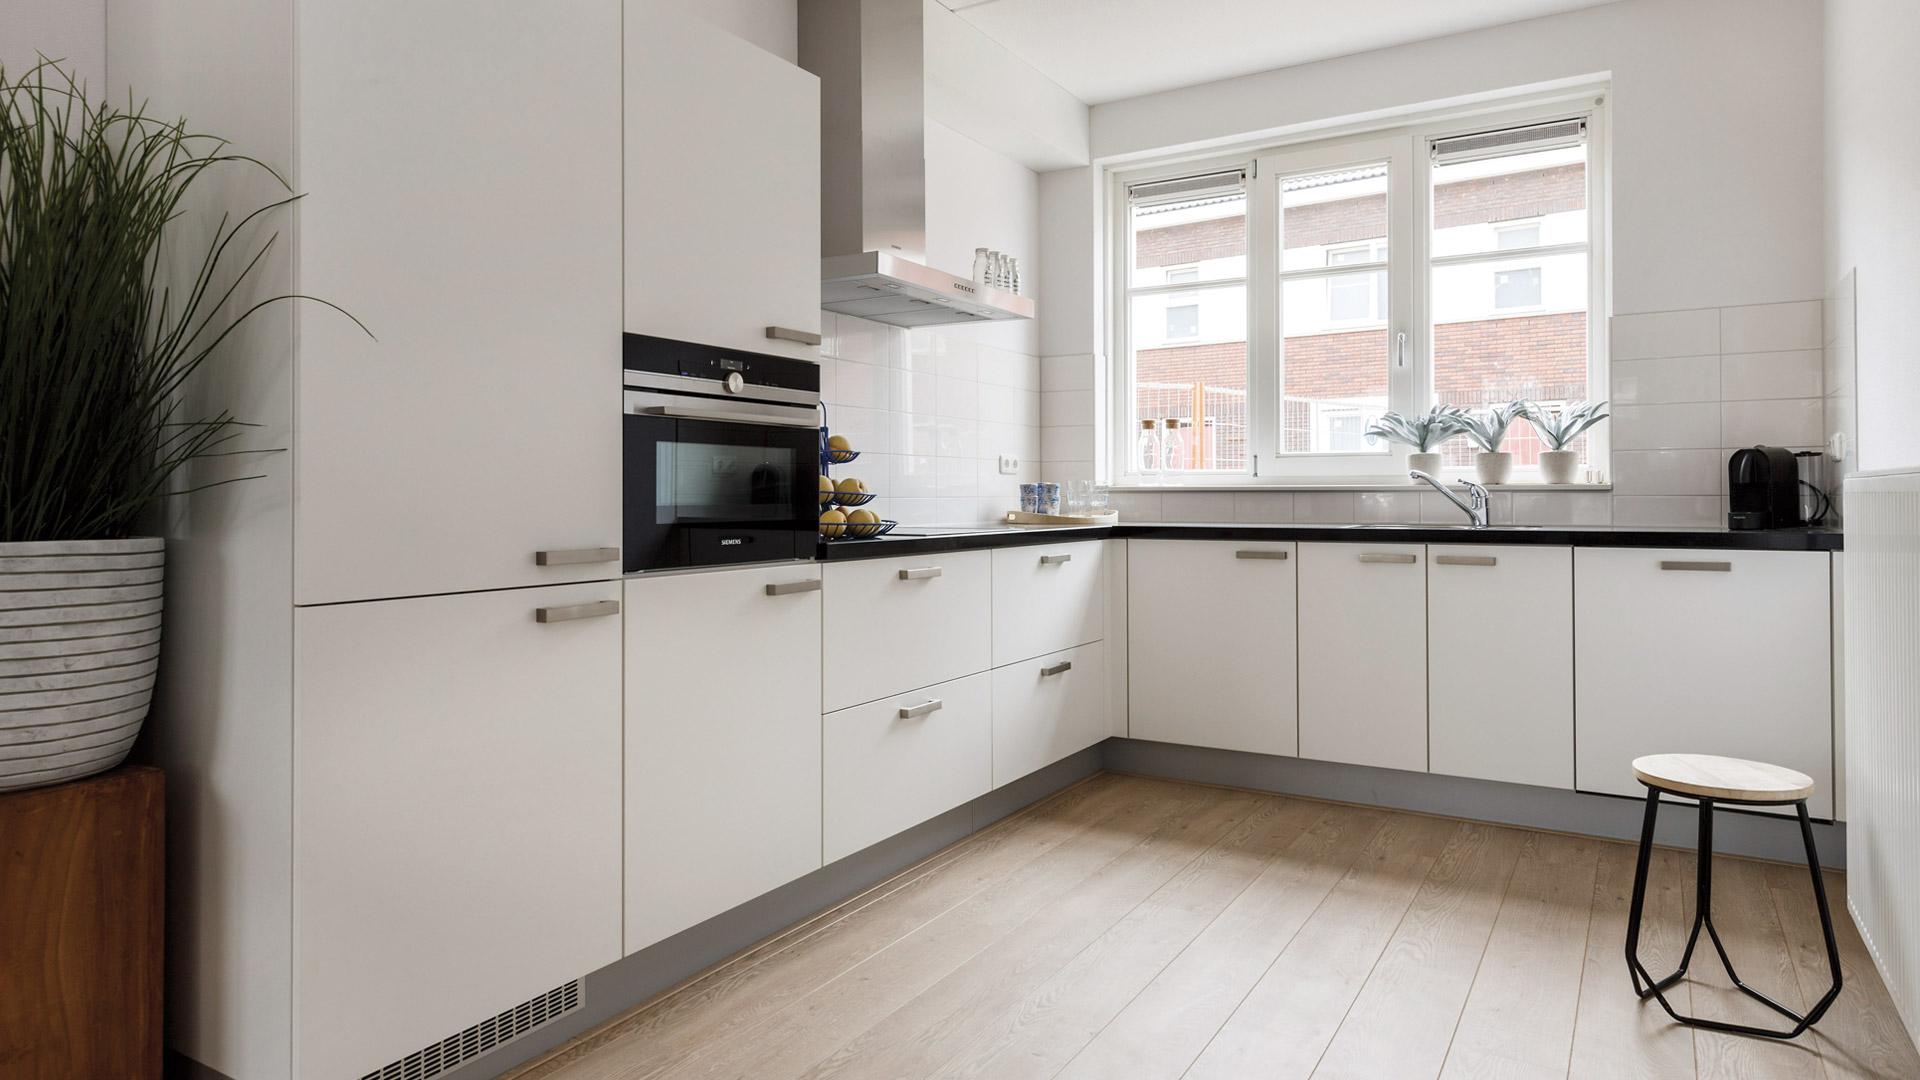 Keuken inspiratie bribus b v - Eigentijdse keuken grijs ...